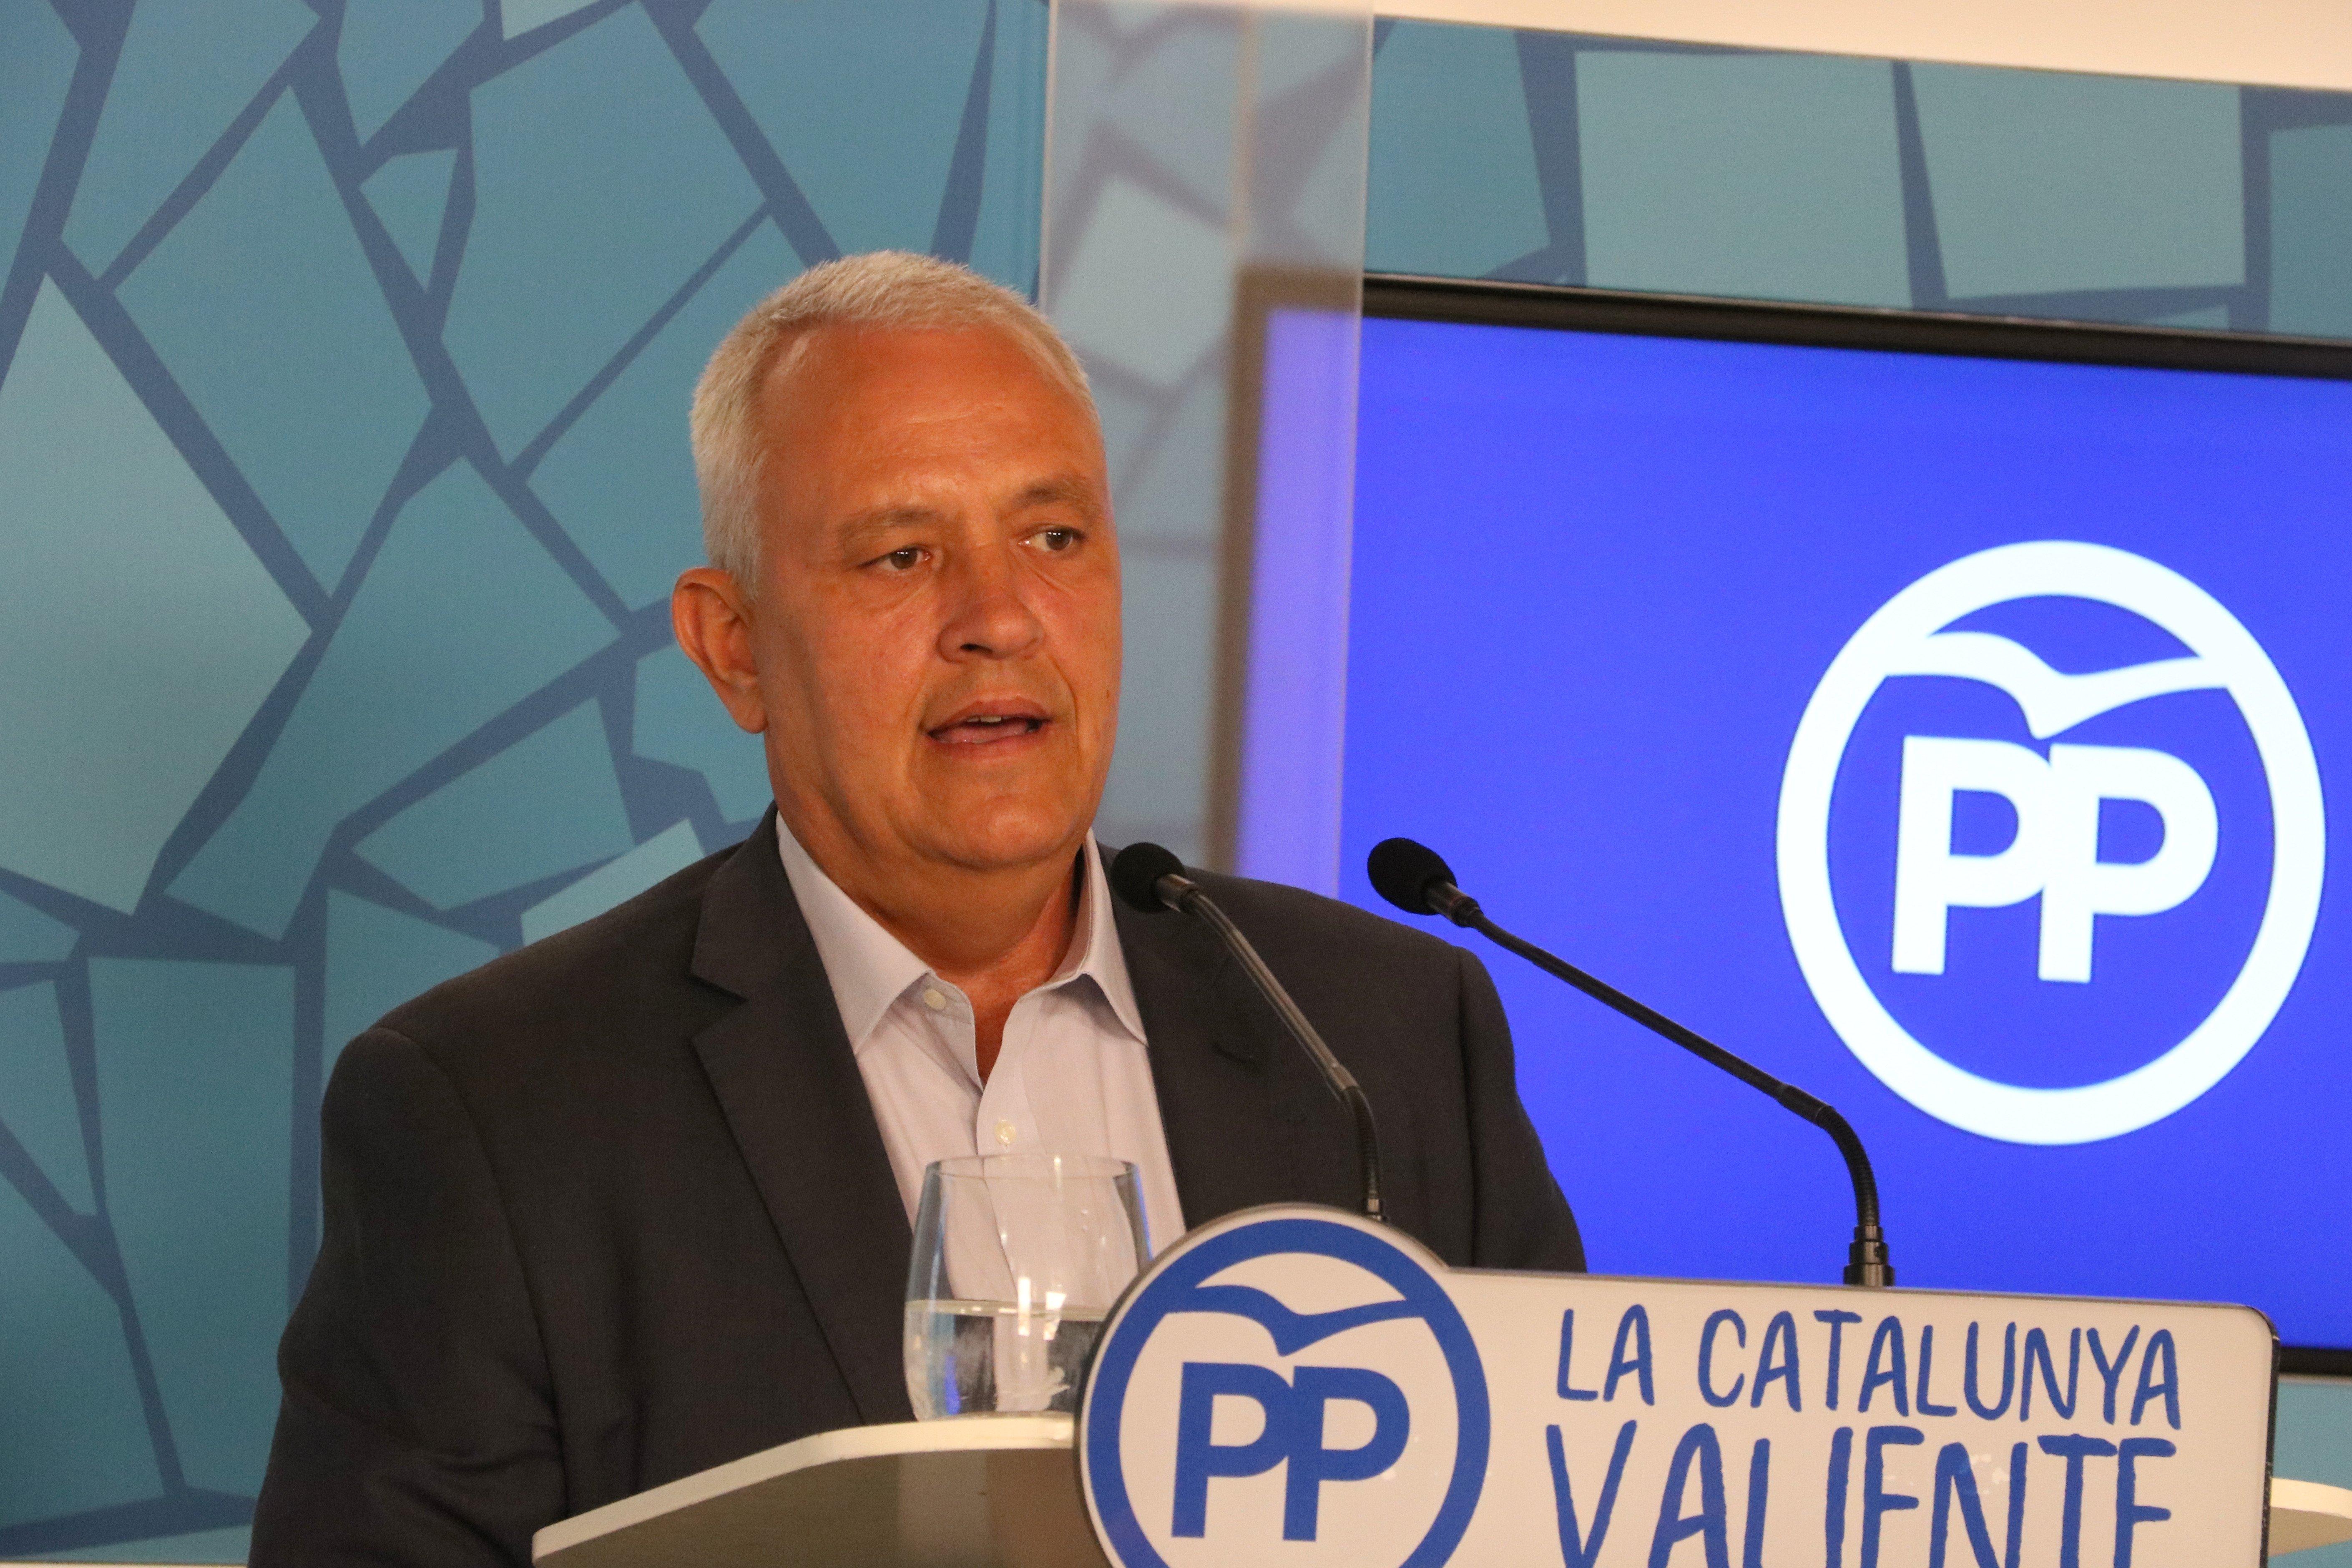 Santi Rodríguez en la roda de premsa del PP, en què ha parlat del suport d'alcaldes del PSC al referèndum / ACN